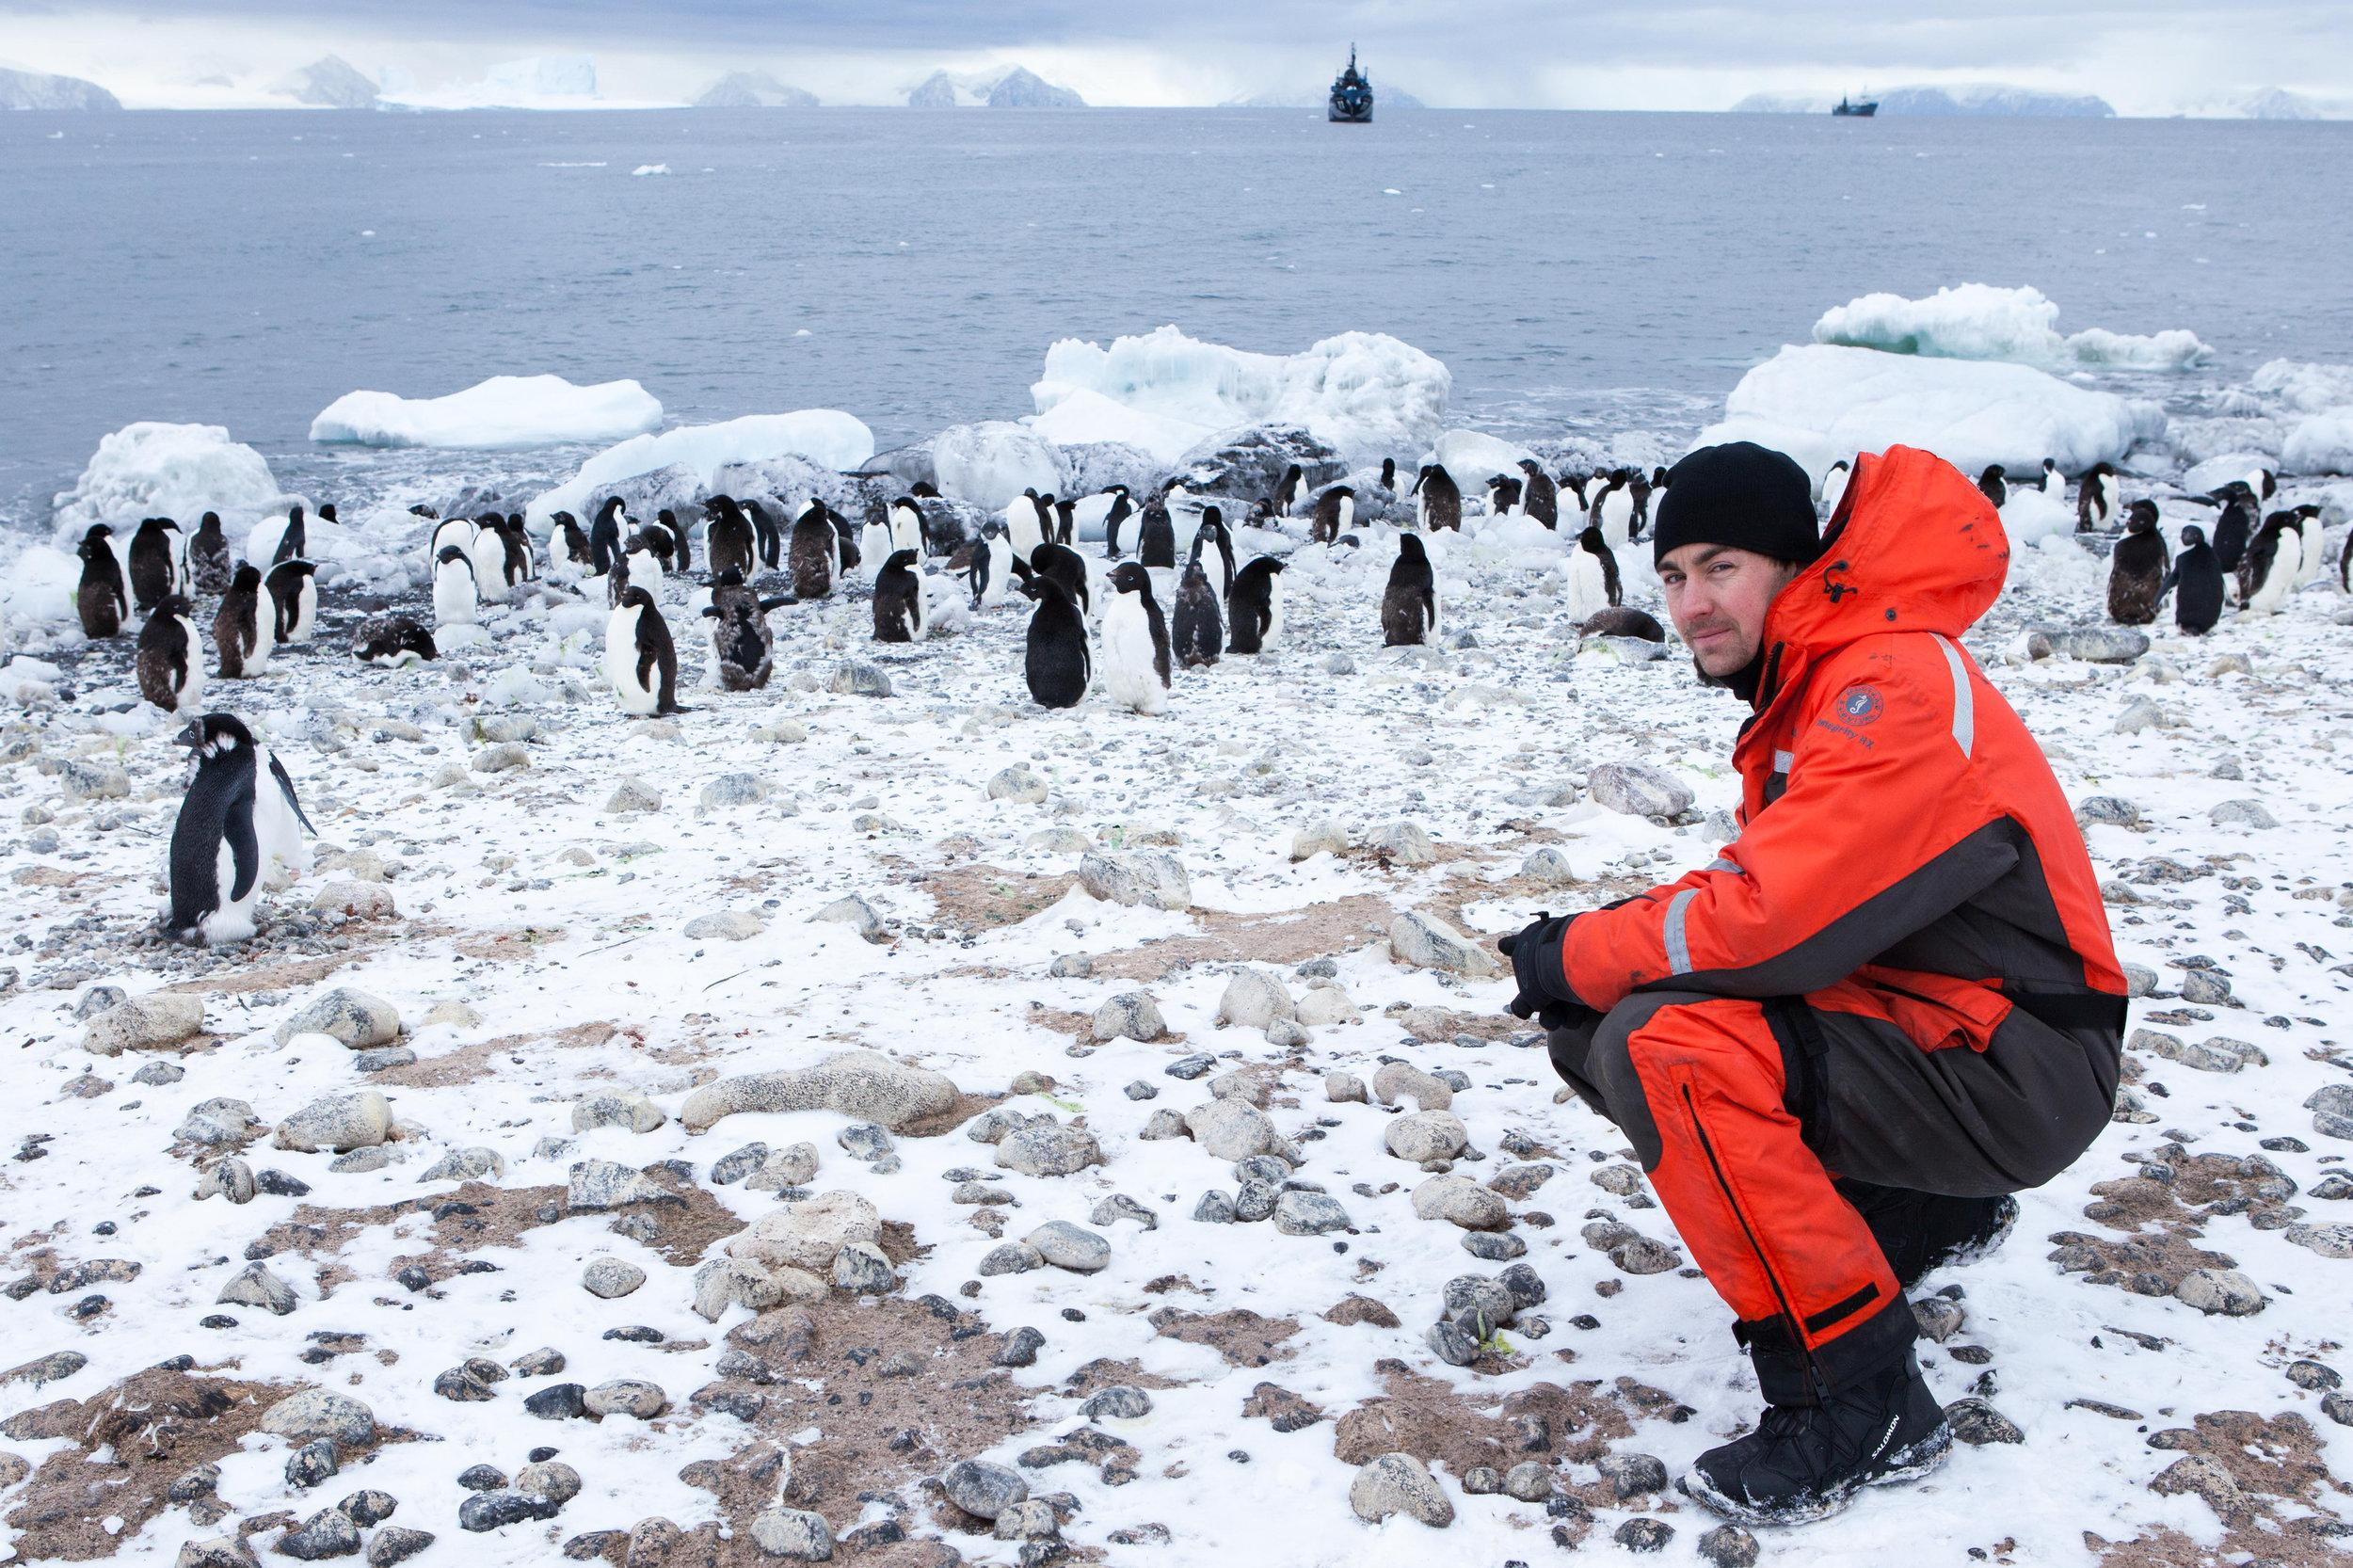 Gavin_Antarctica-5.jpg